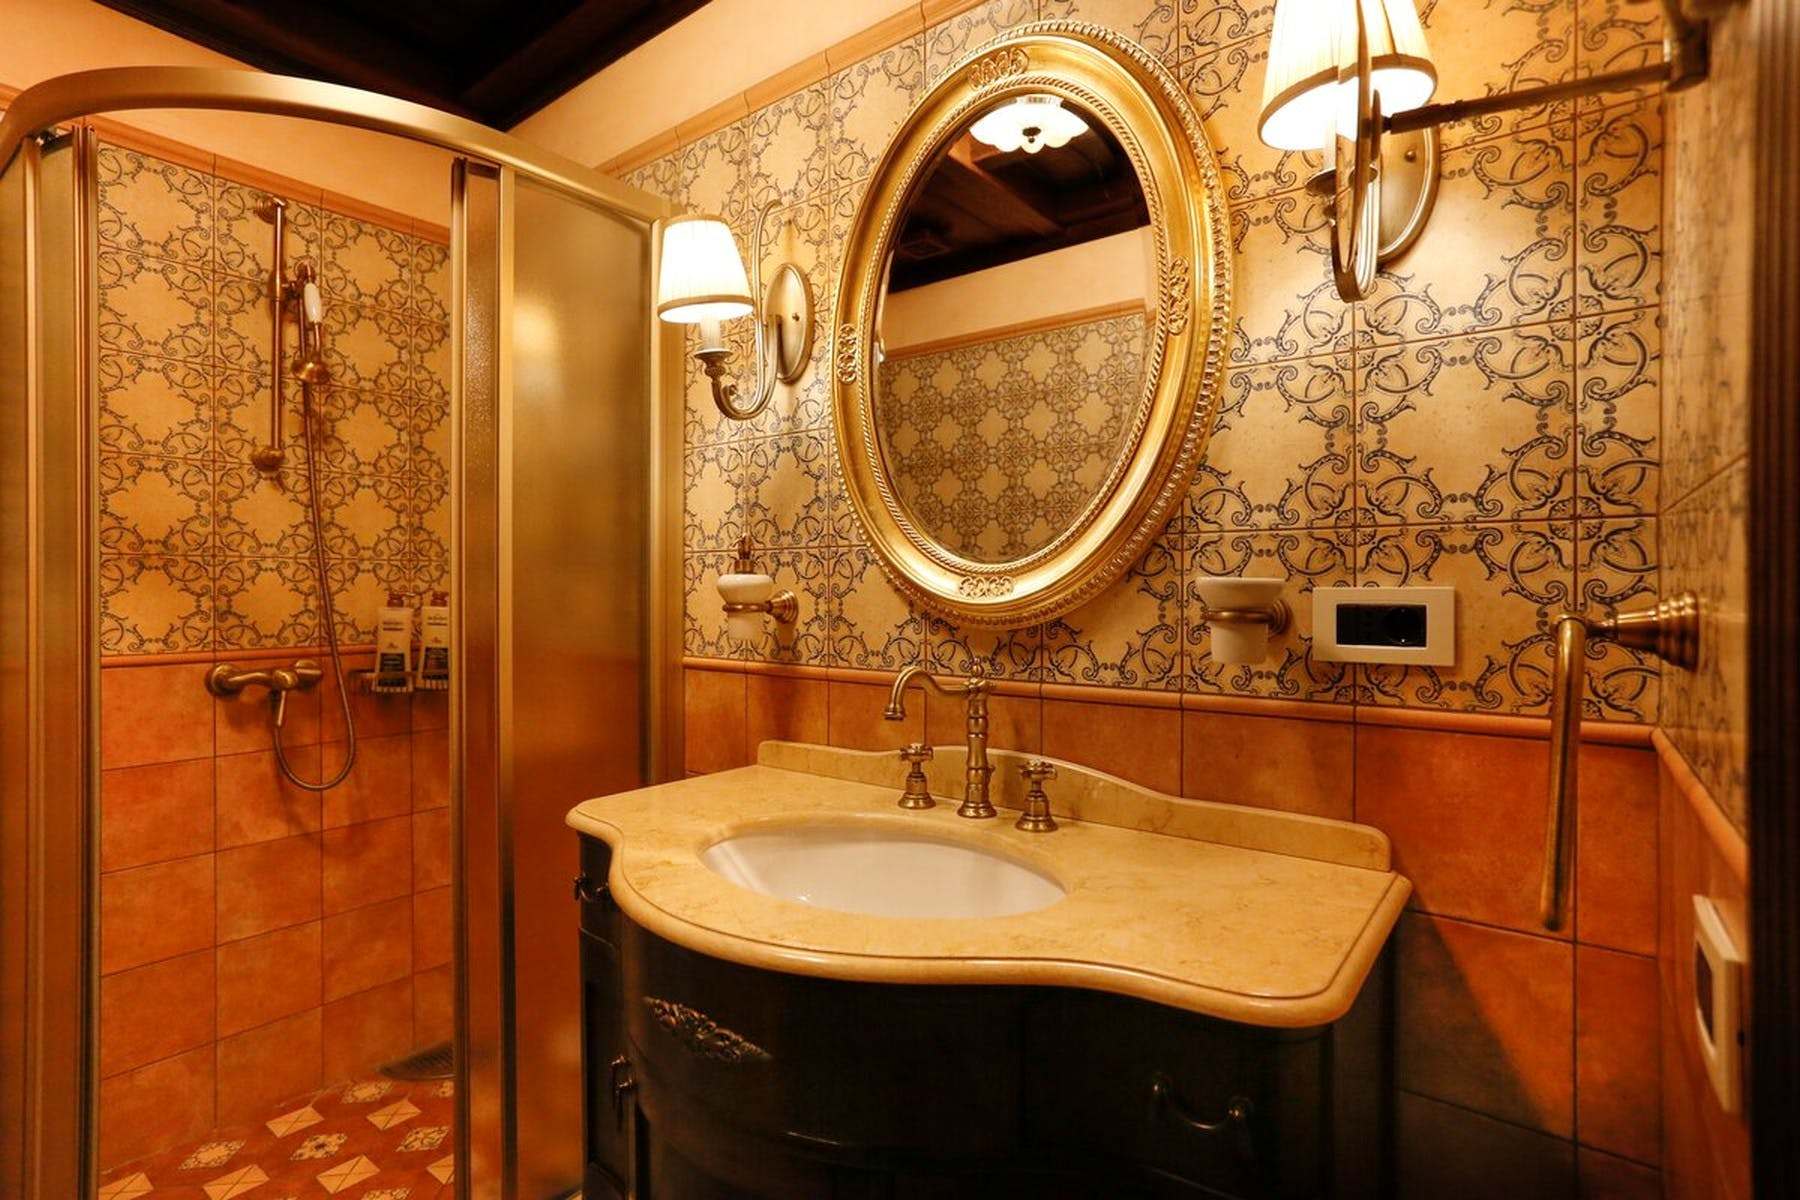 Bathroom with luxury amenities